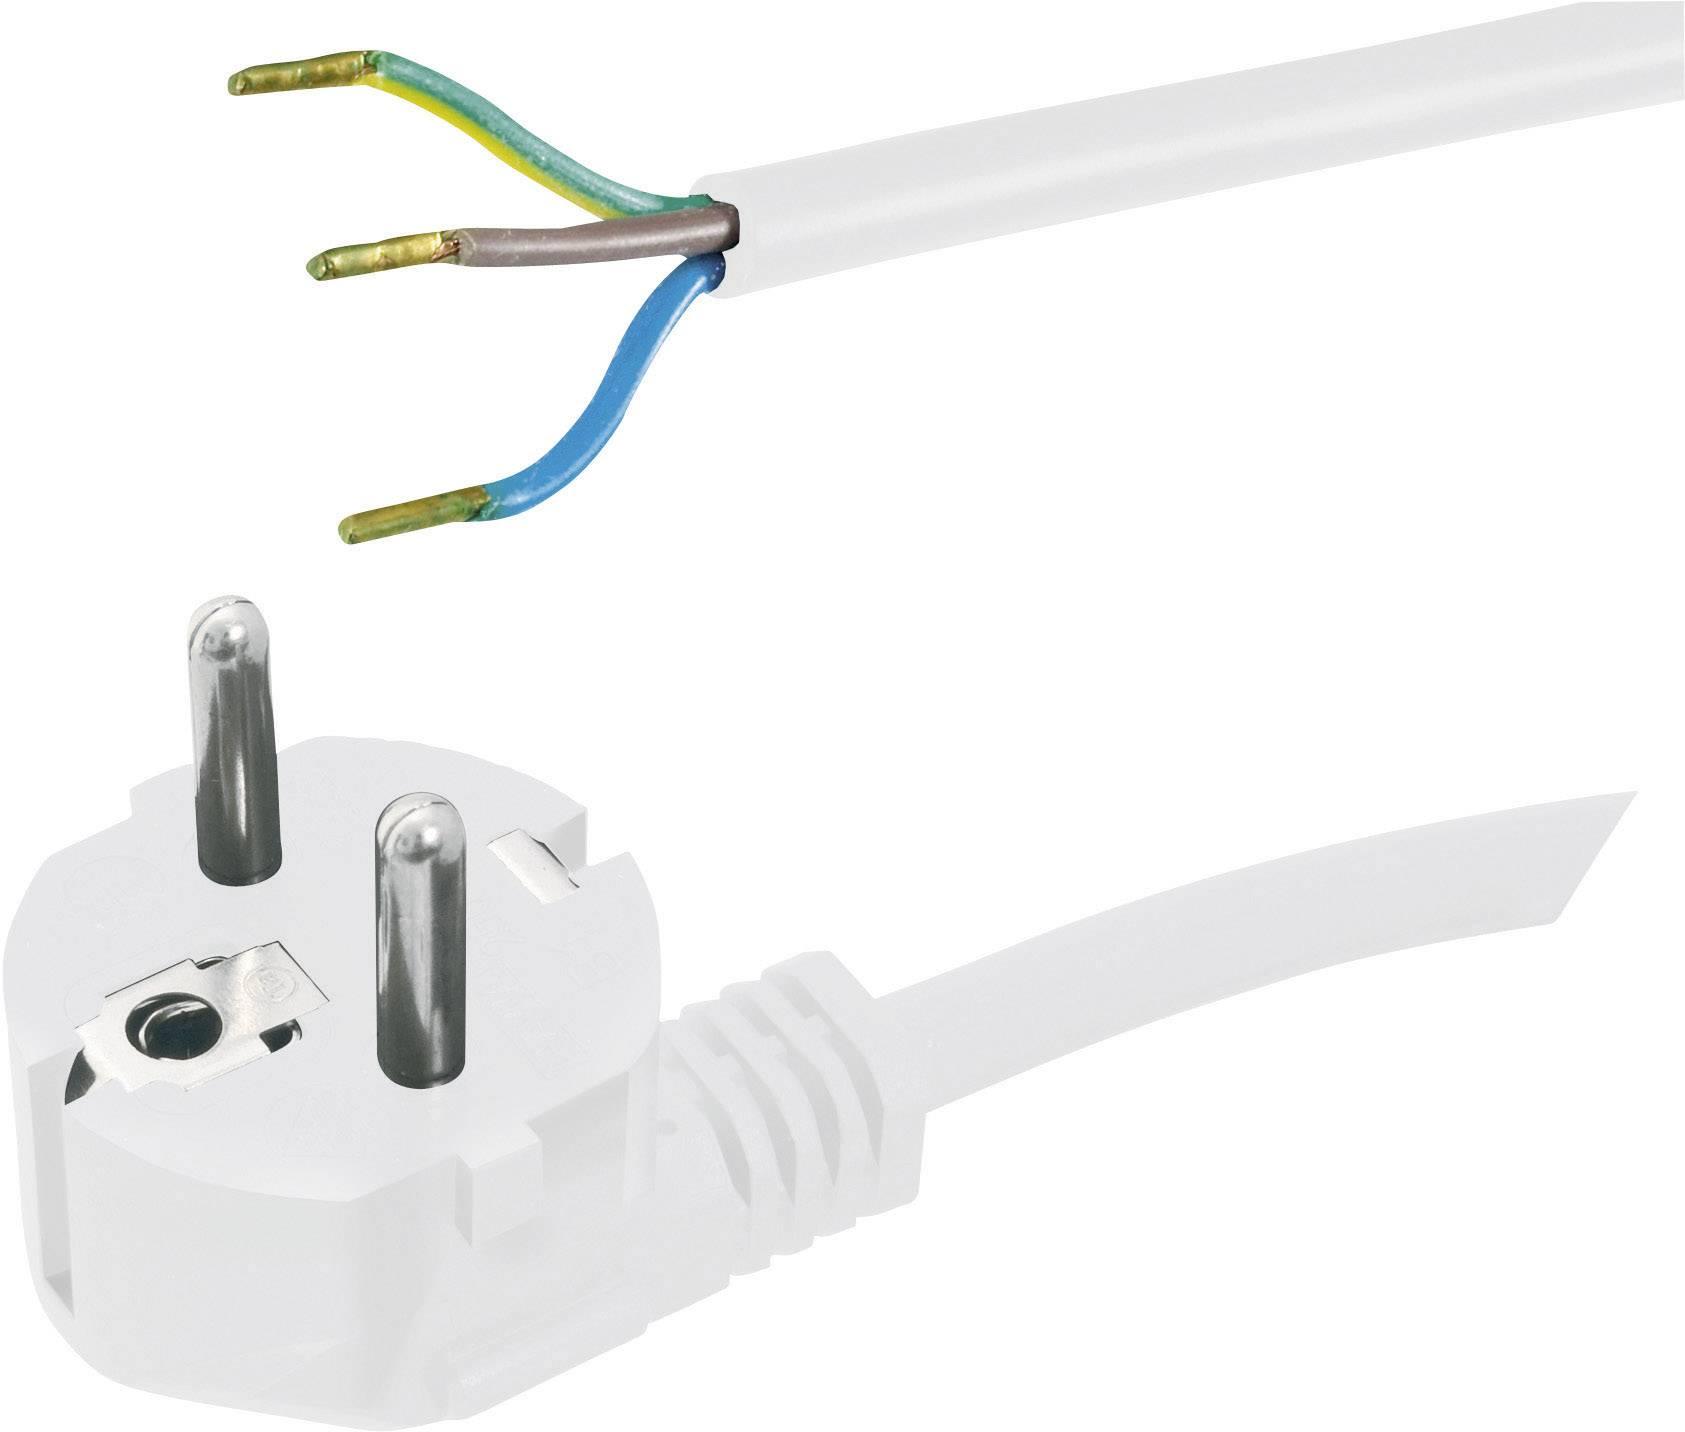 Síťový kabel Hawa, zástrčka/otevřený konec, 1,5 mm², 1,5 m, bílá, 1008221